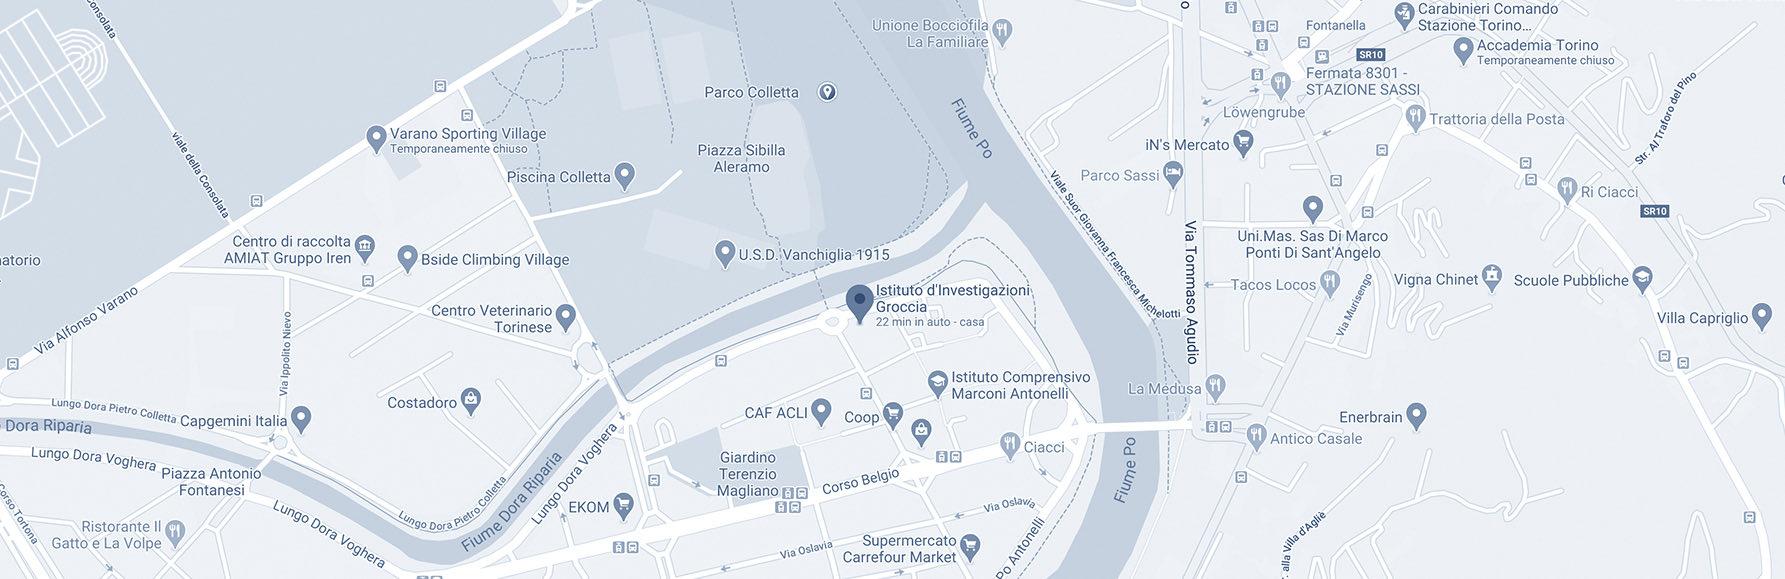 investigazioni groccia mappa